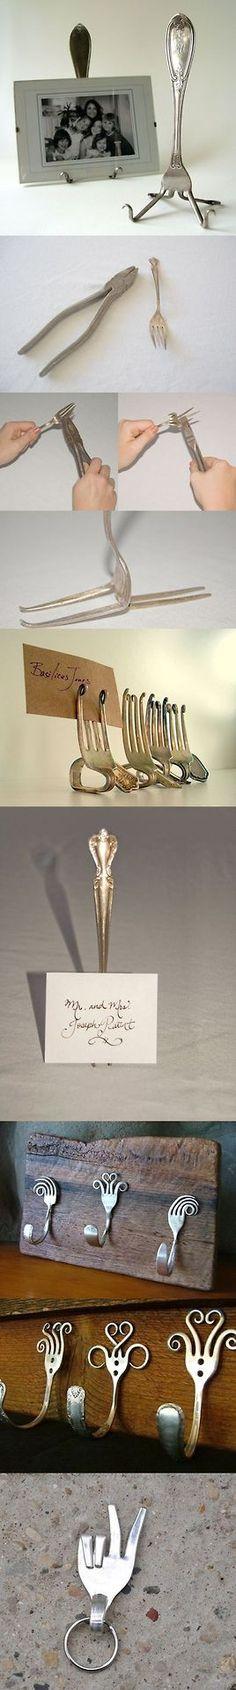 Fork crafts